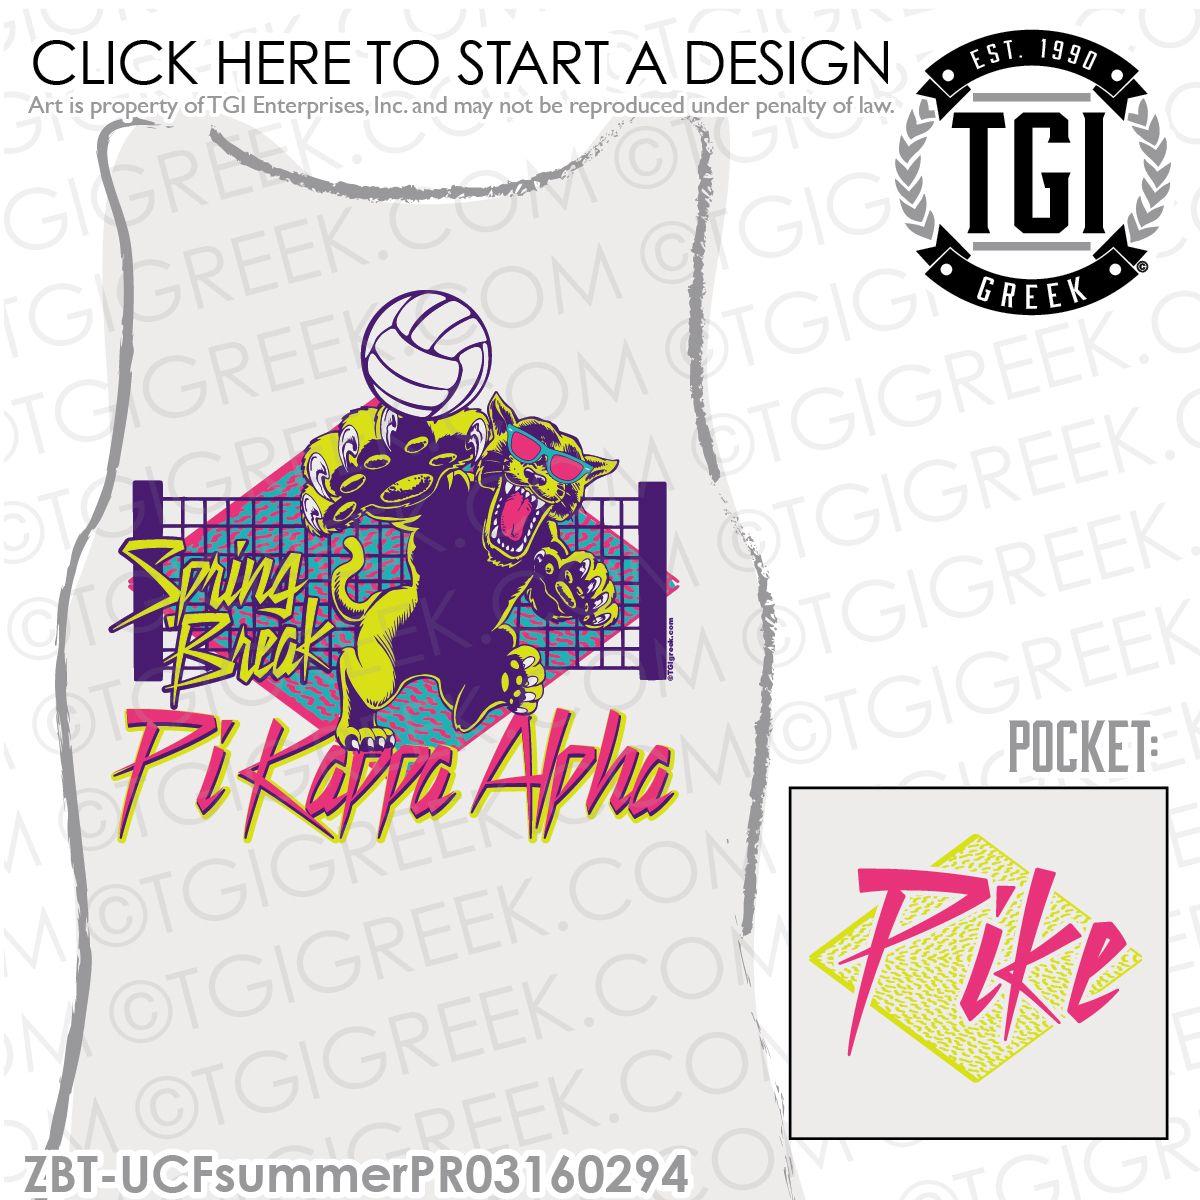 Tgi greek pi kappa alpha spring break greek apparel tgi greek pi kappa alpha spring break greek apparel tgigreek pikappaalpha biocorpaavc Images